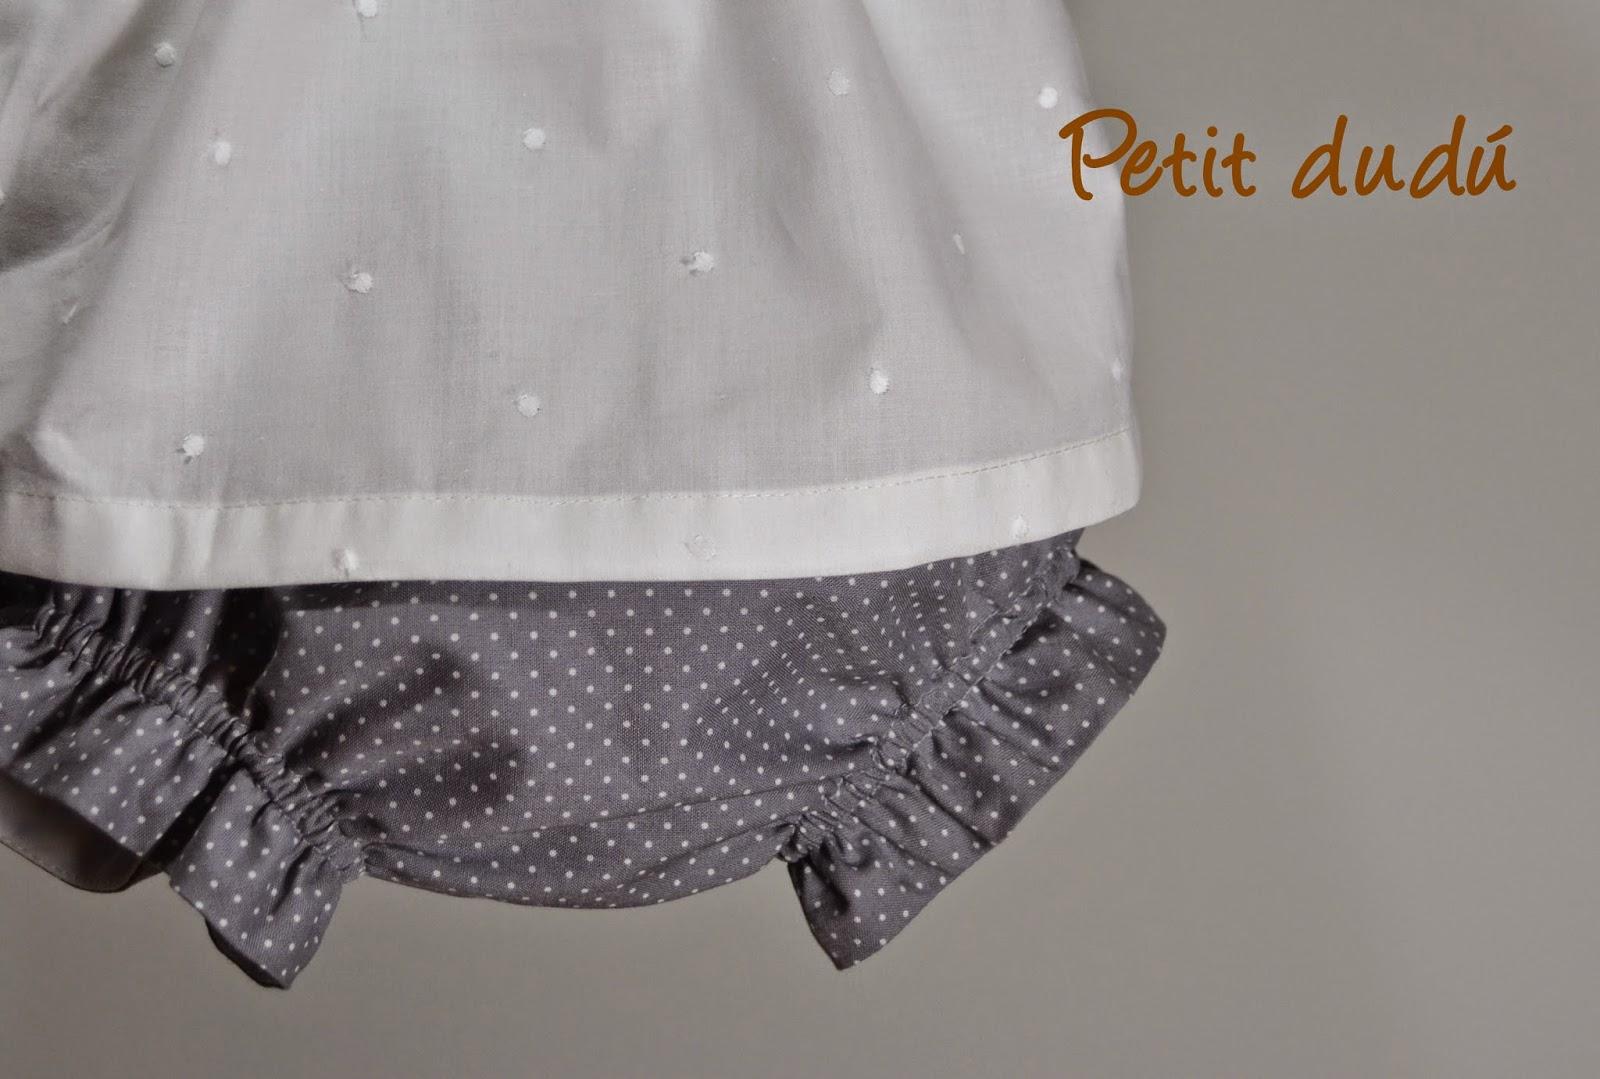 conjunto blusa y cubrepañal petitdudu